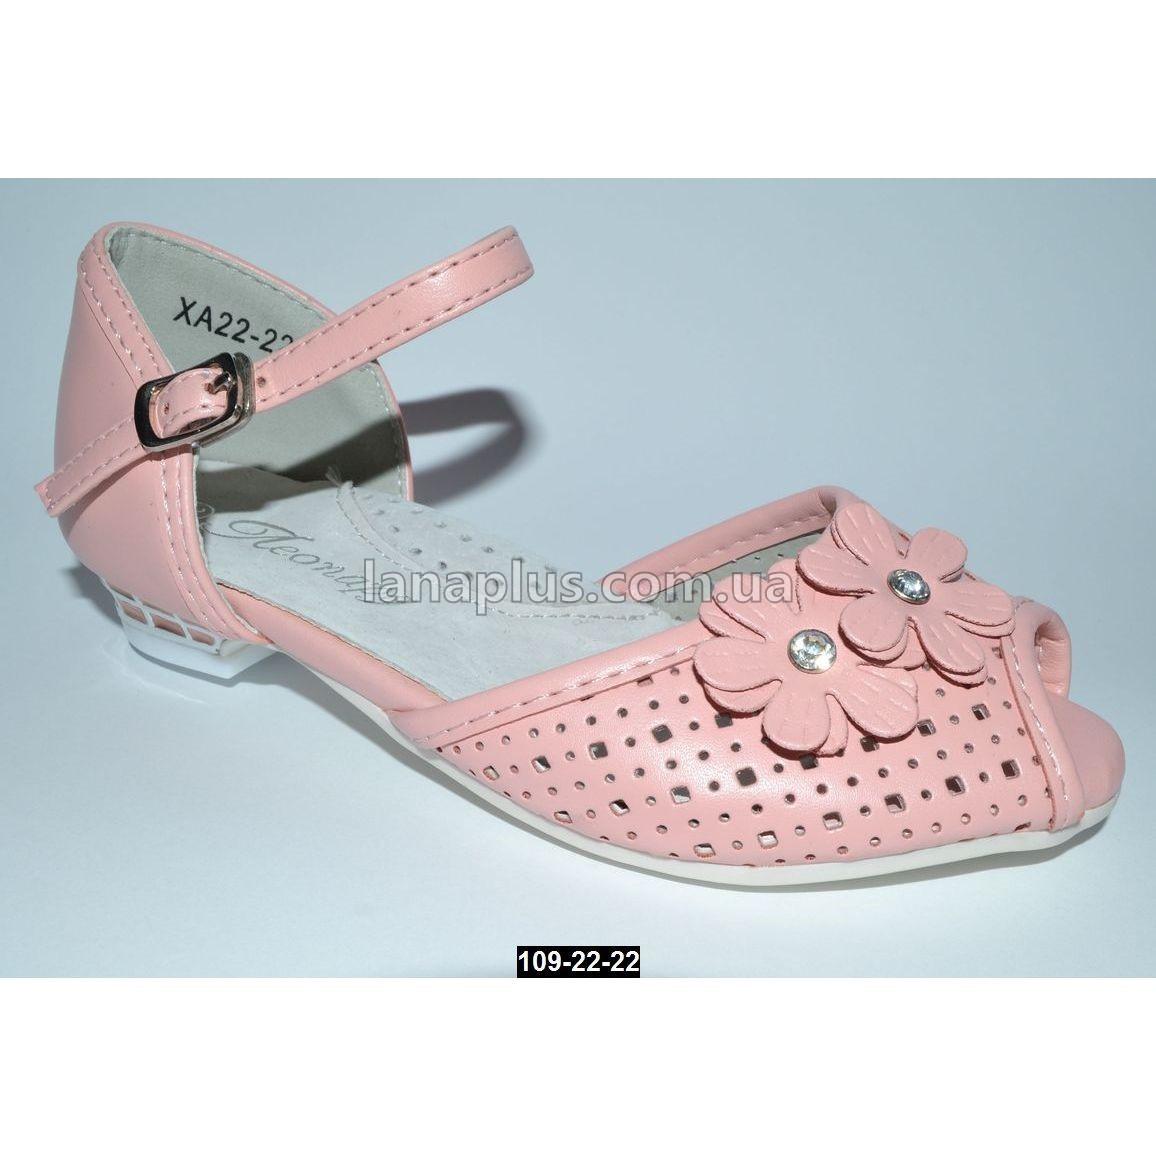 Нарядные босоножки, туфли для девочки, 25 размер (17 см), супинатор, кожаная стелька, 109-22-22